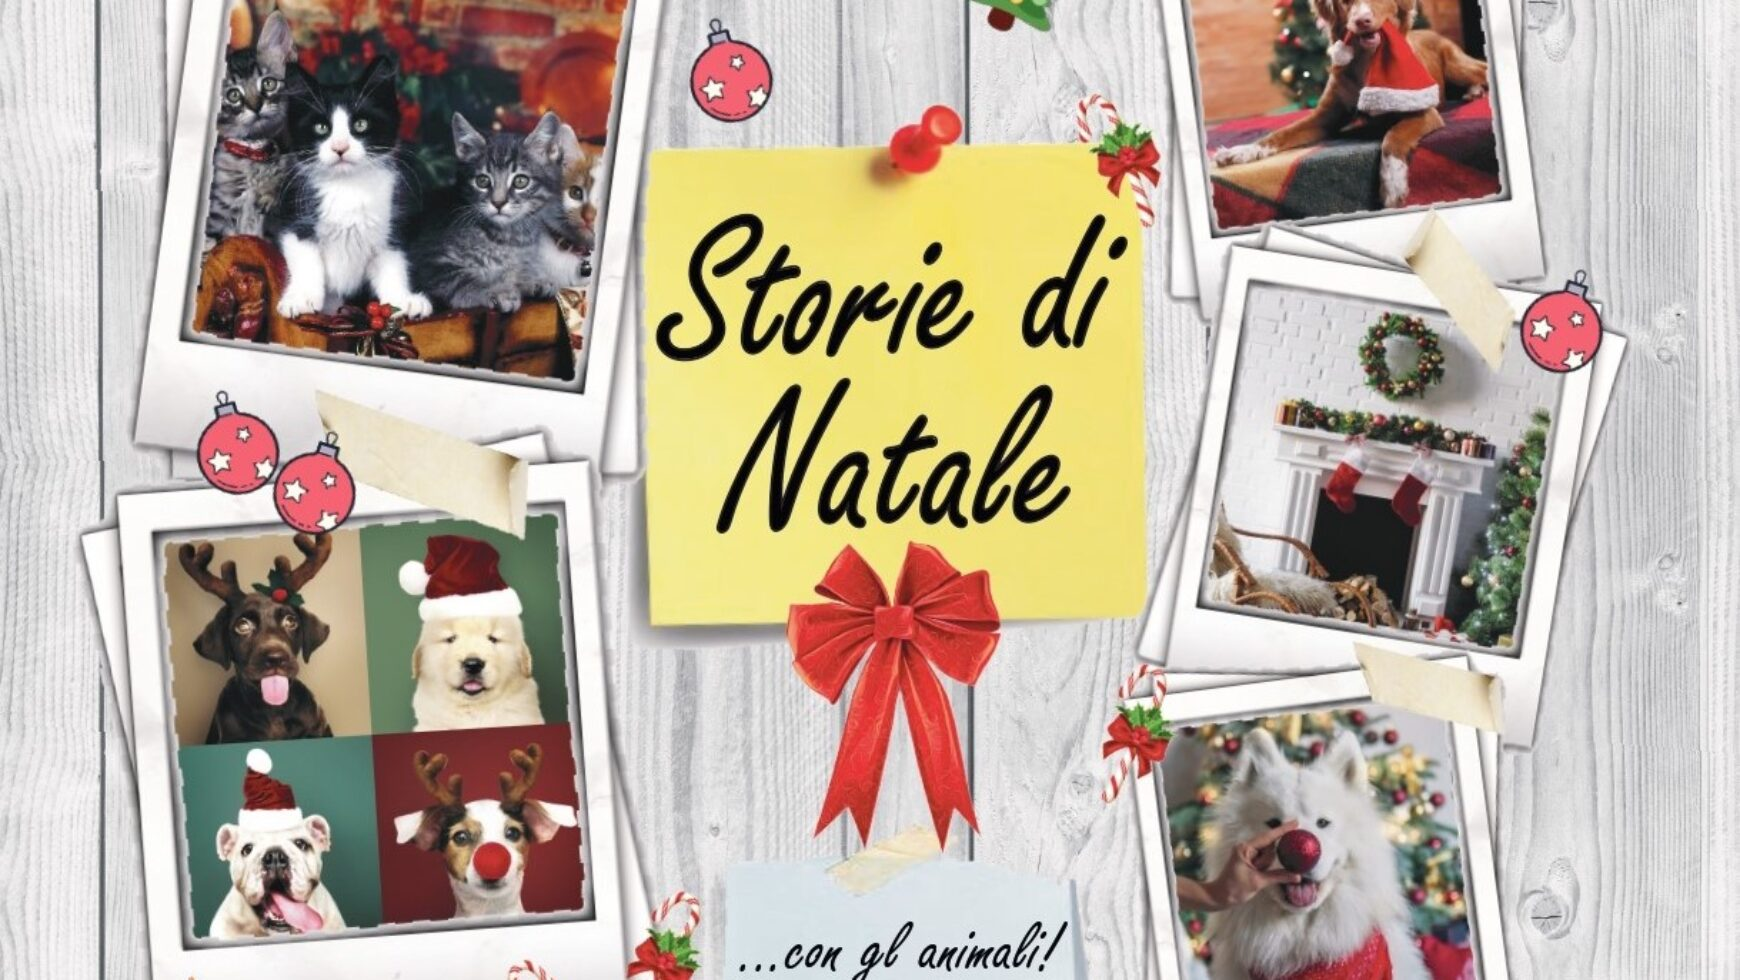 I nostri amici animali nelle storie di Natale 🎇🎄